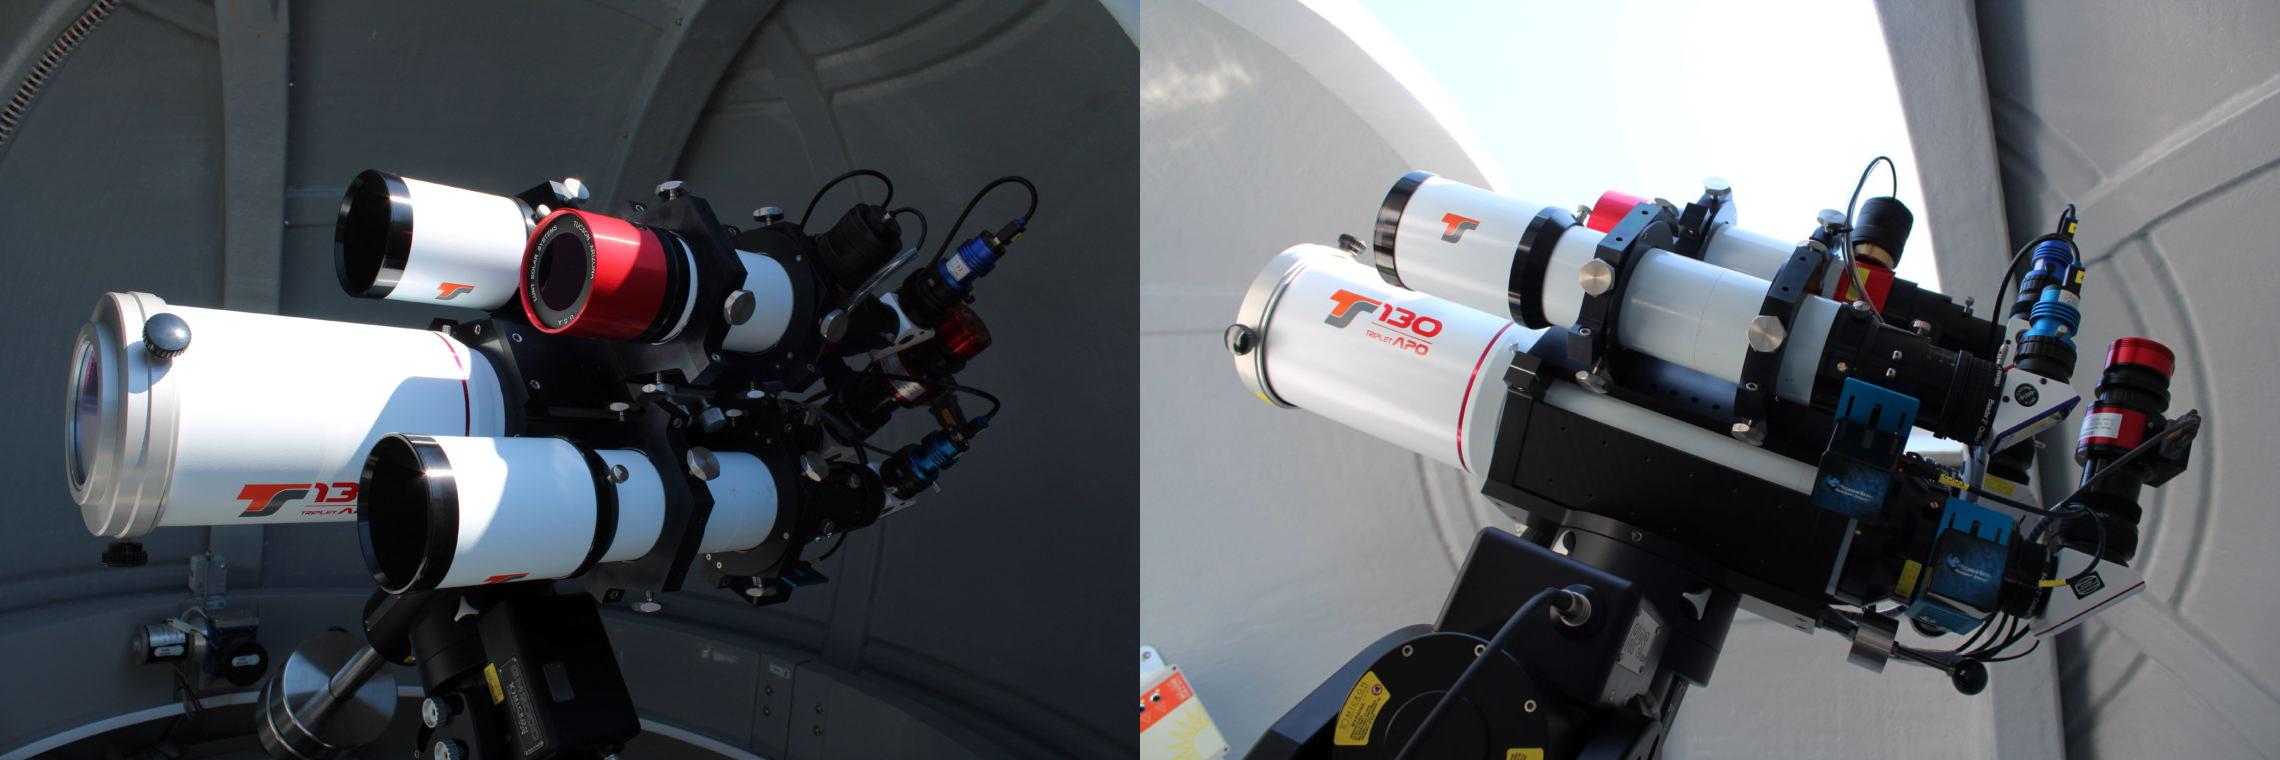 Los 4 telescopios, especializados para diferentes longitudes de onda